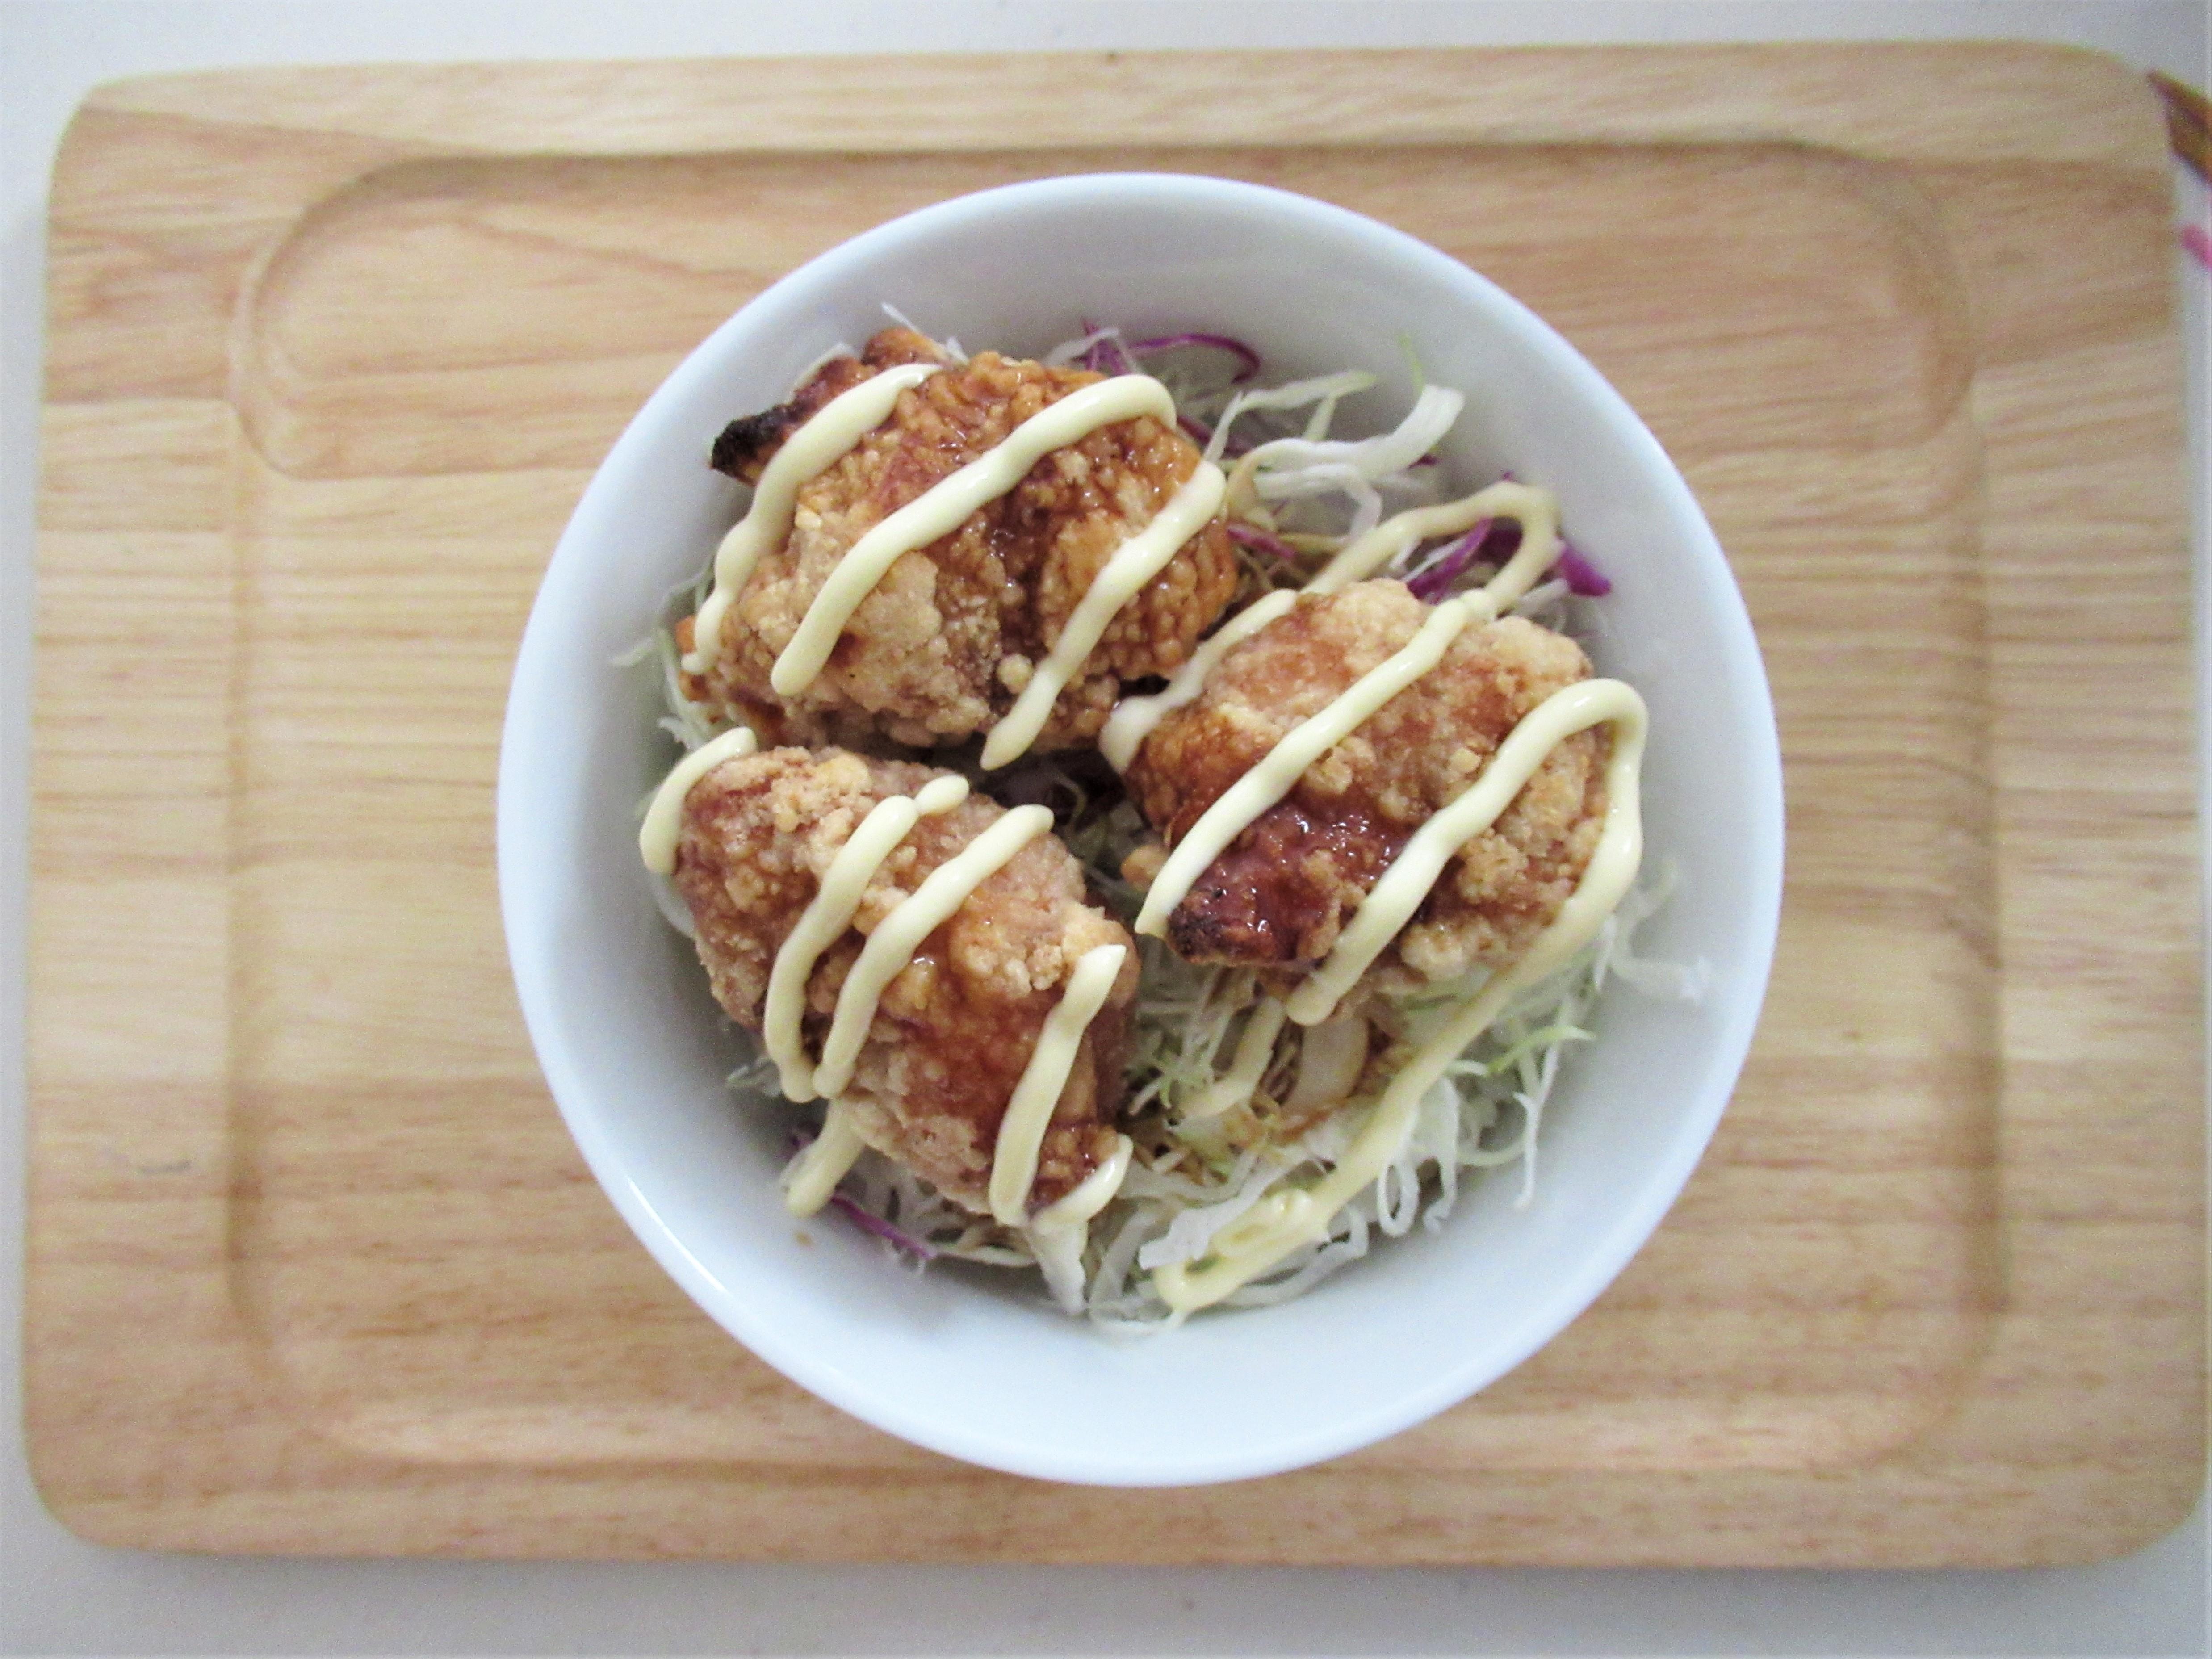 コストコの「からあげ」は冷凍食材の「CP」が美味しくコスパ最強!美味しい食べ方は?|ラク家事ブログ